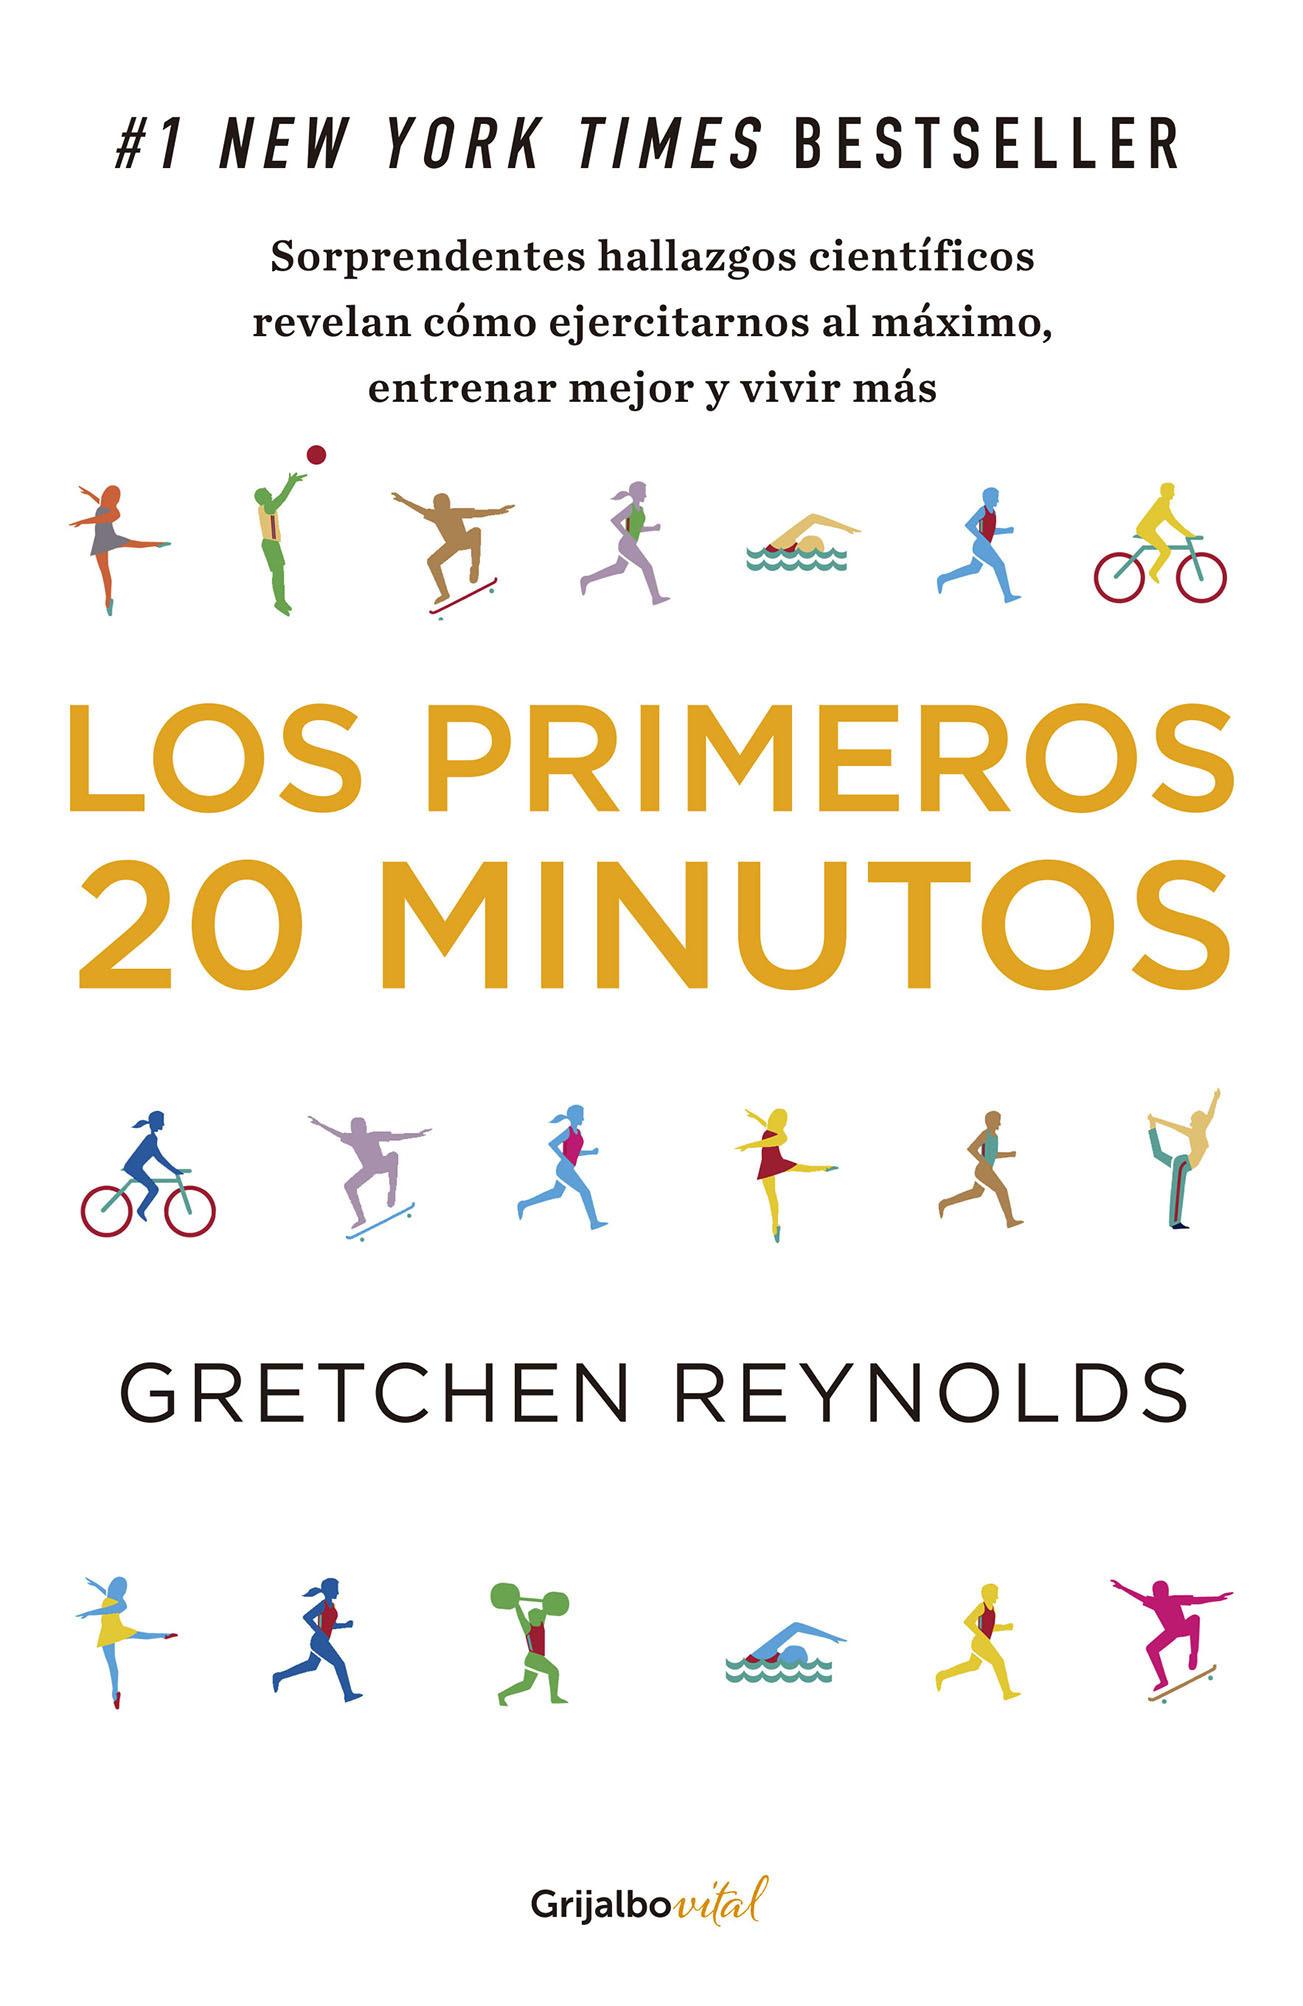 LOS PRIMEROS 20 MINUTOS